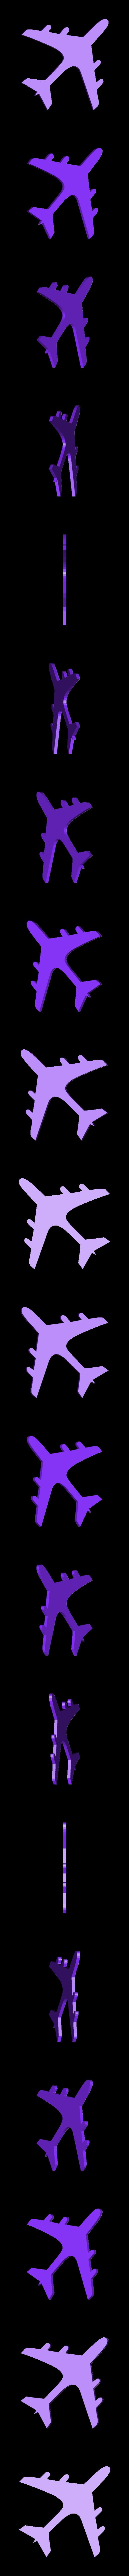 1200px-Airplane_silhouette.stl Télécharger fichier STL gratuit 14 autocollants anti-collision pour prévenir les impacts d'oiseaux sur les vitres des fenêtres - autocollants pour fenêtres pour impression 3d • Plan imprimable en 3D, syzguru11